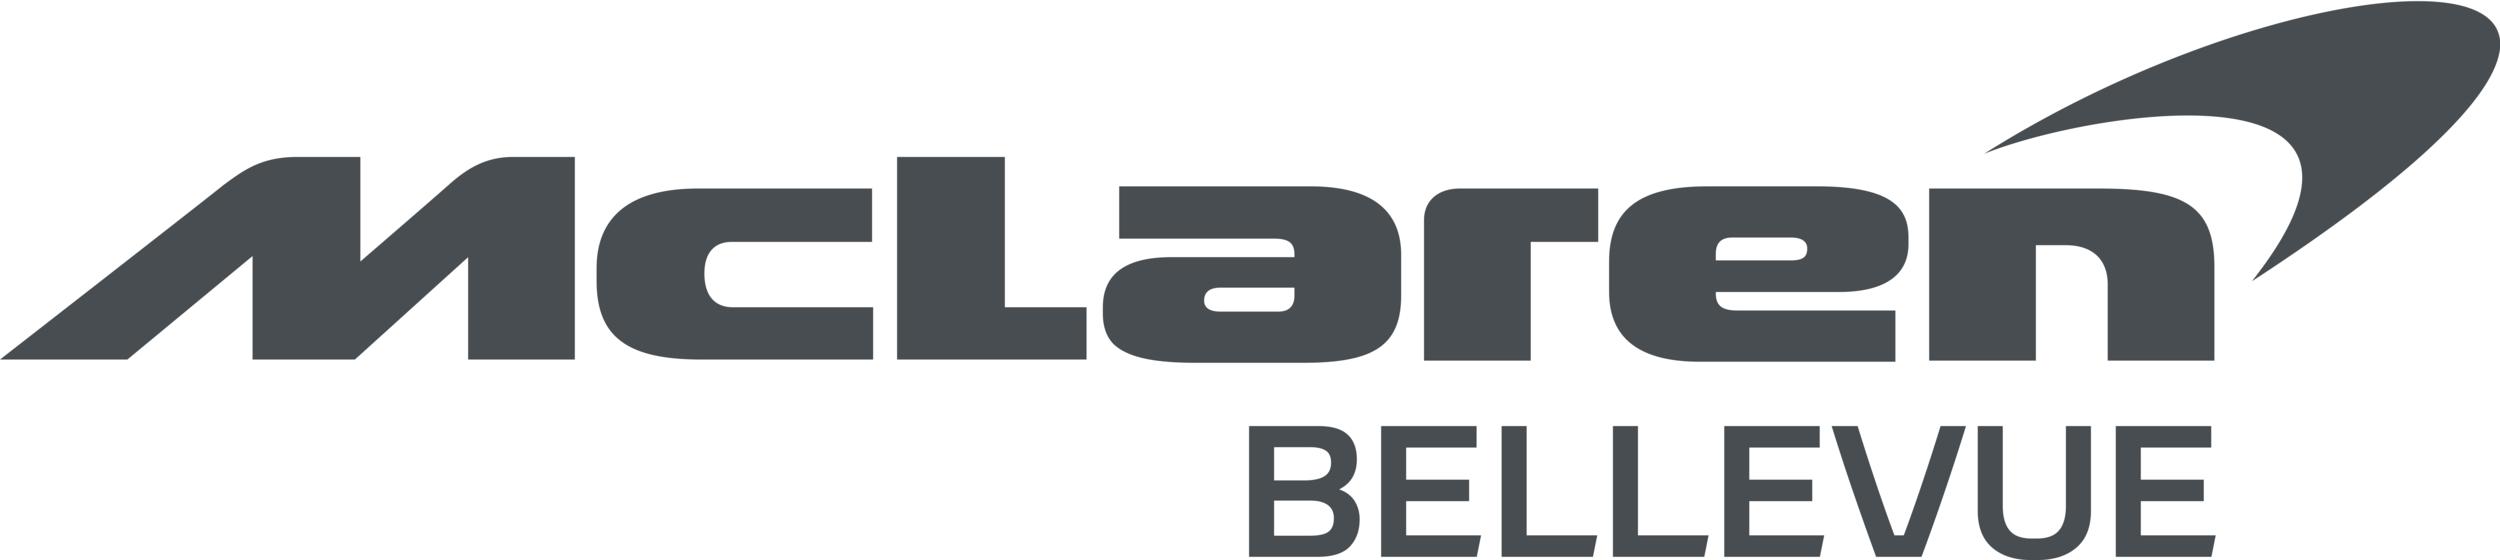 McLarenBellevue-rgb-3c.png